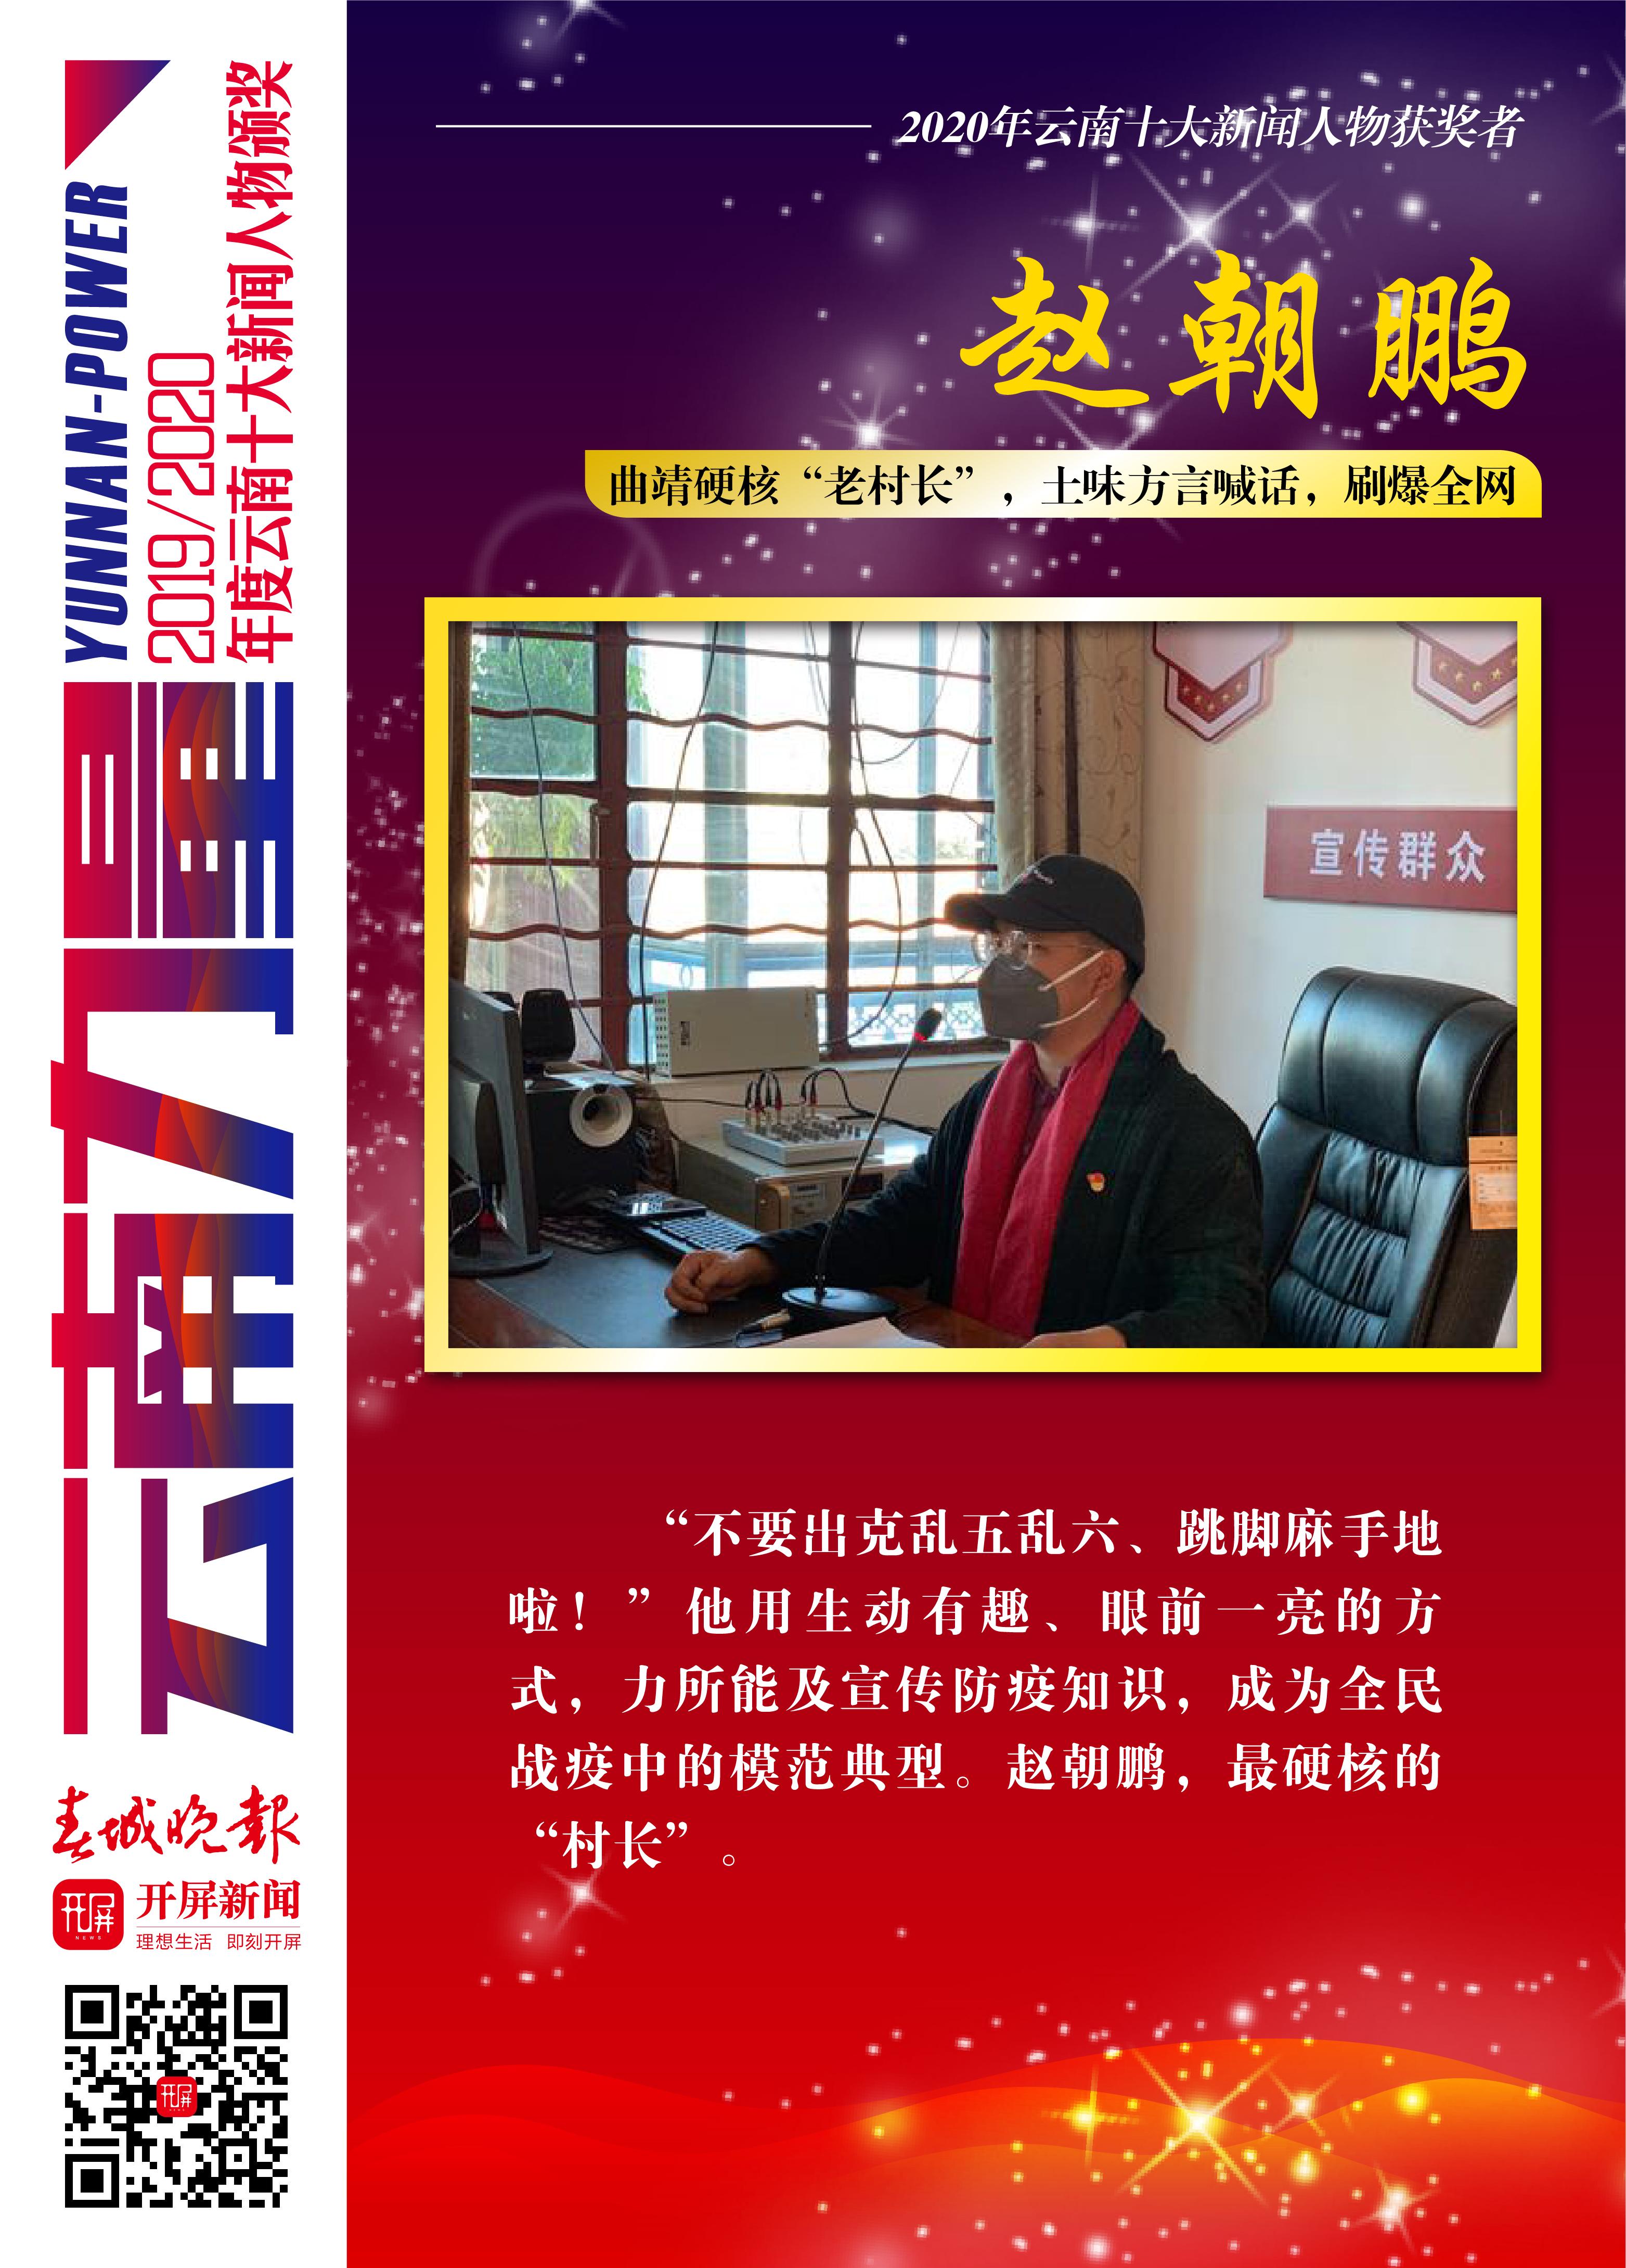 2020新闻人物海报_03赵朝鹏.jpg